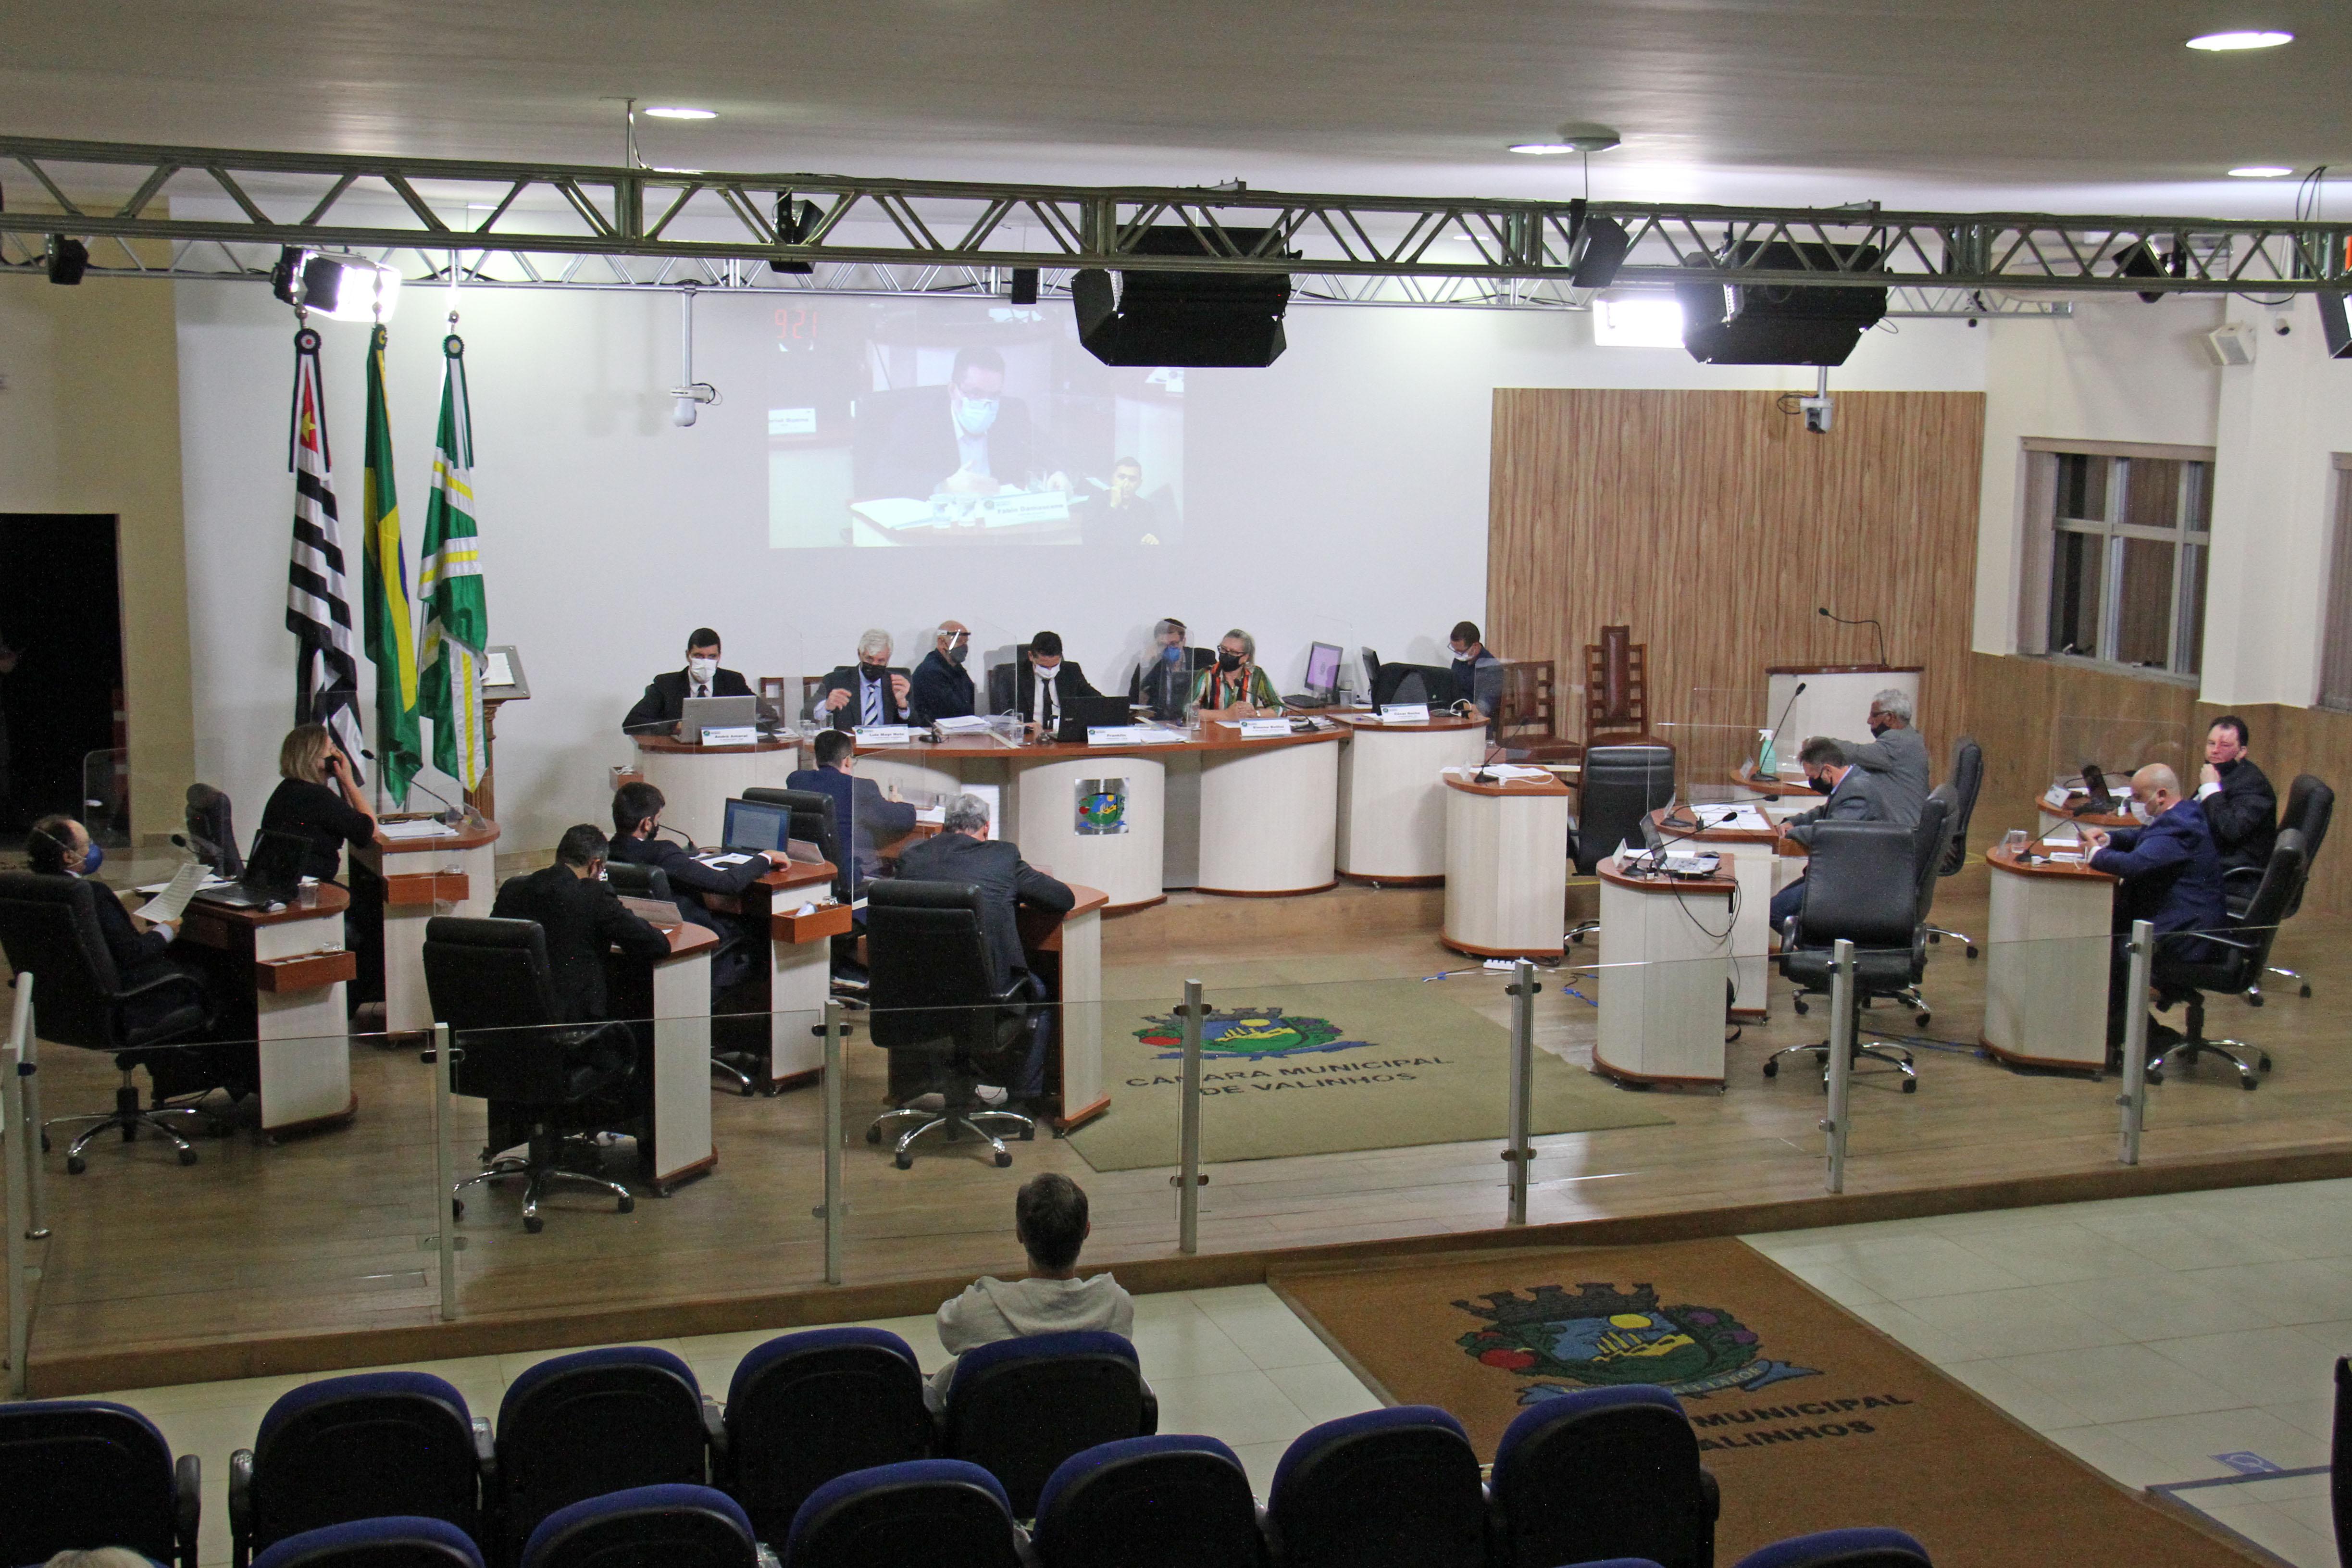 #PraCegoVer: Foto mostra o plenário da Câmara visto de cima com os vereadores sentados em seus lugares.